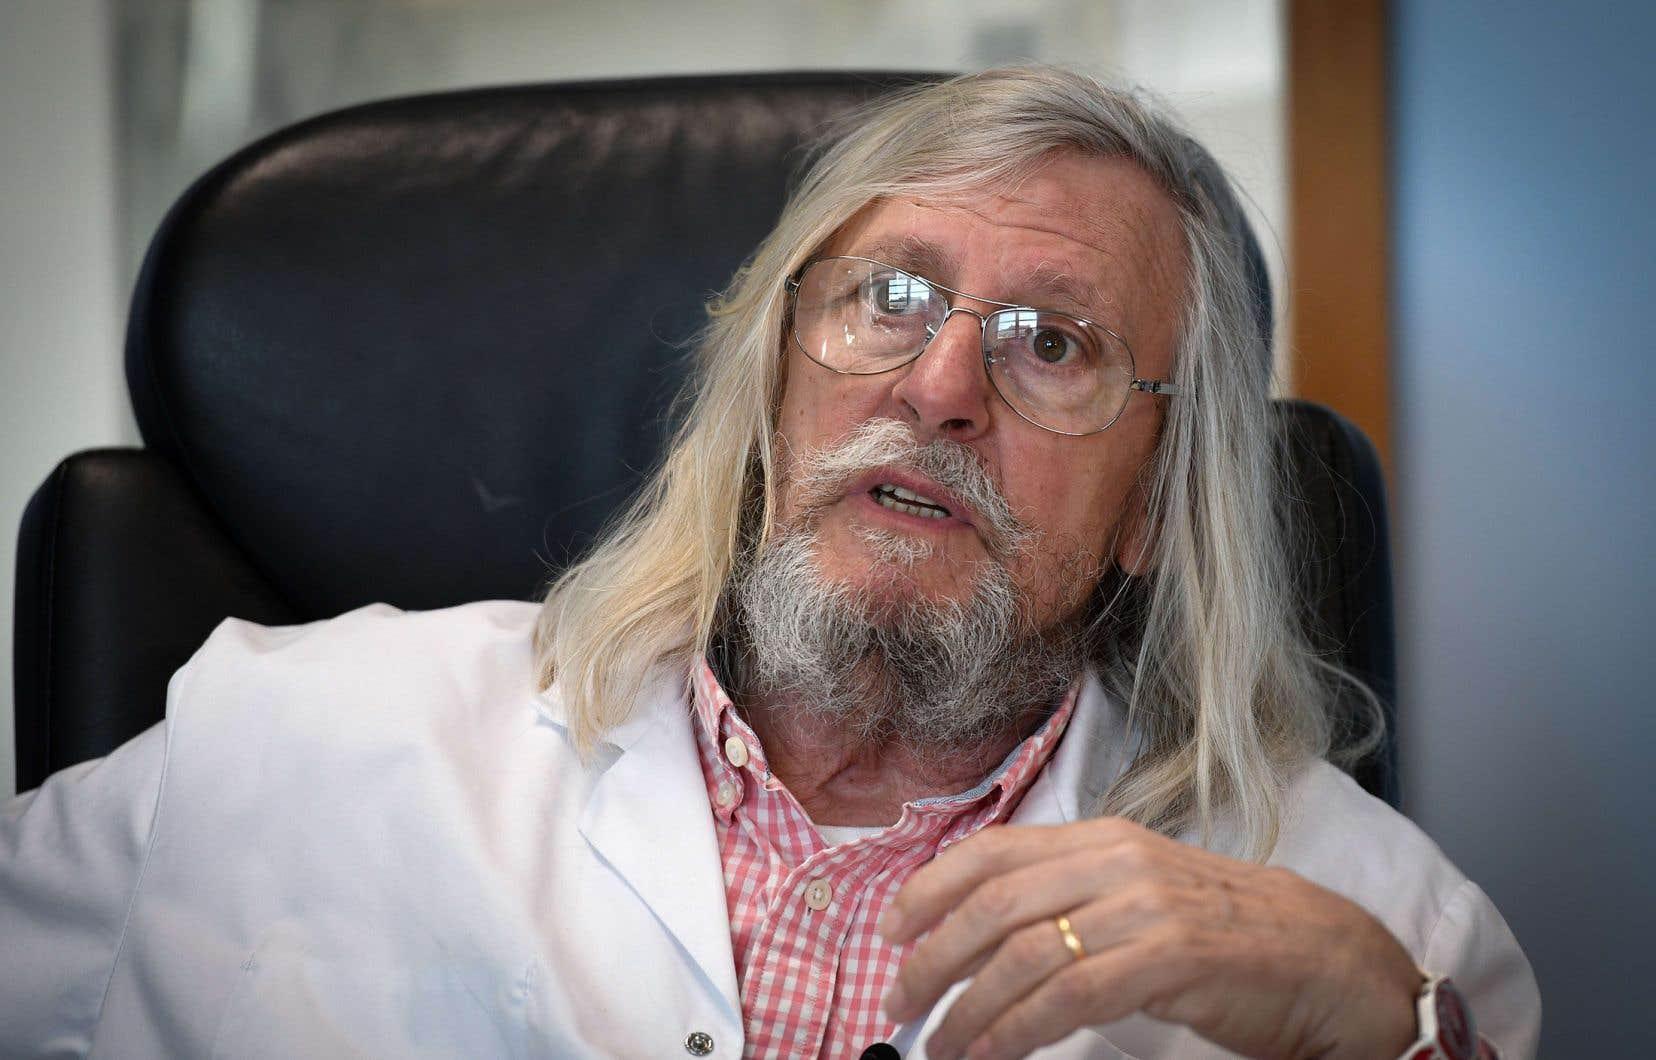 Didier Raoult affirme avoir trouvé un traitement efficace contre la COVID-19, mais ses démarches scientifiques sont contestées.